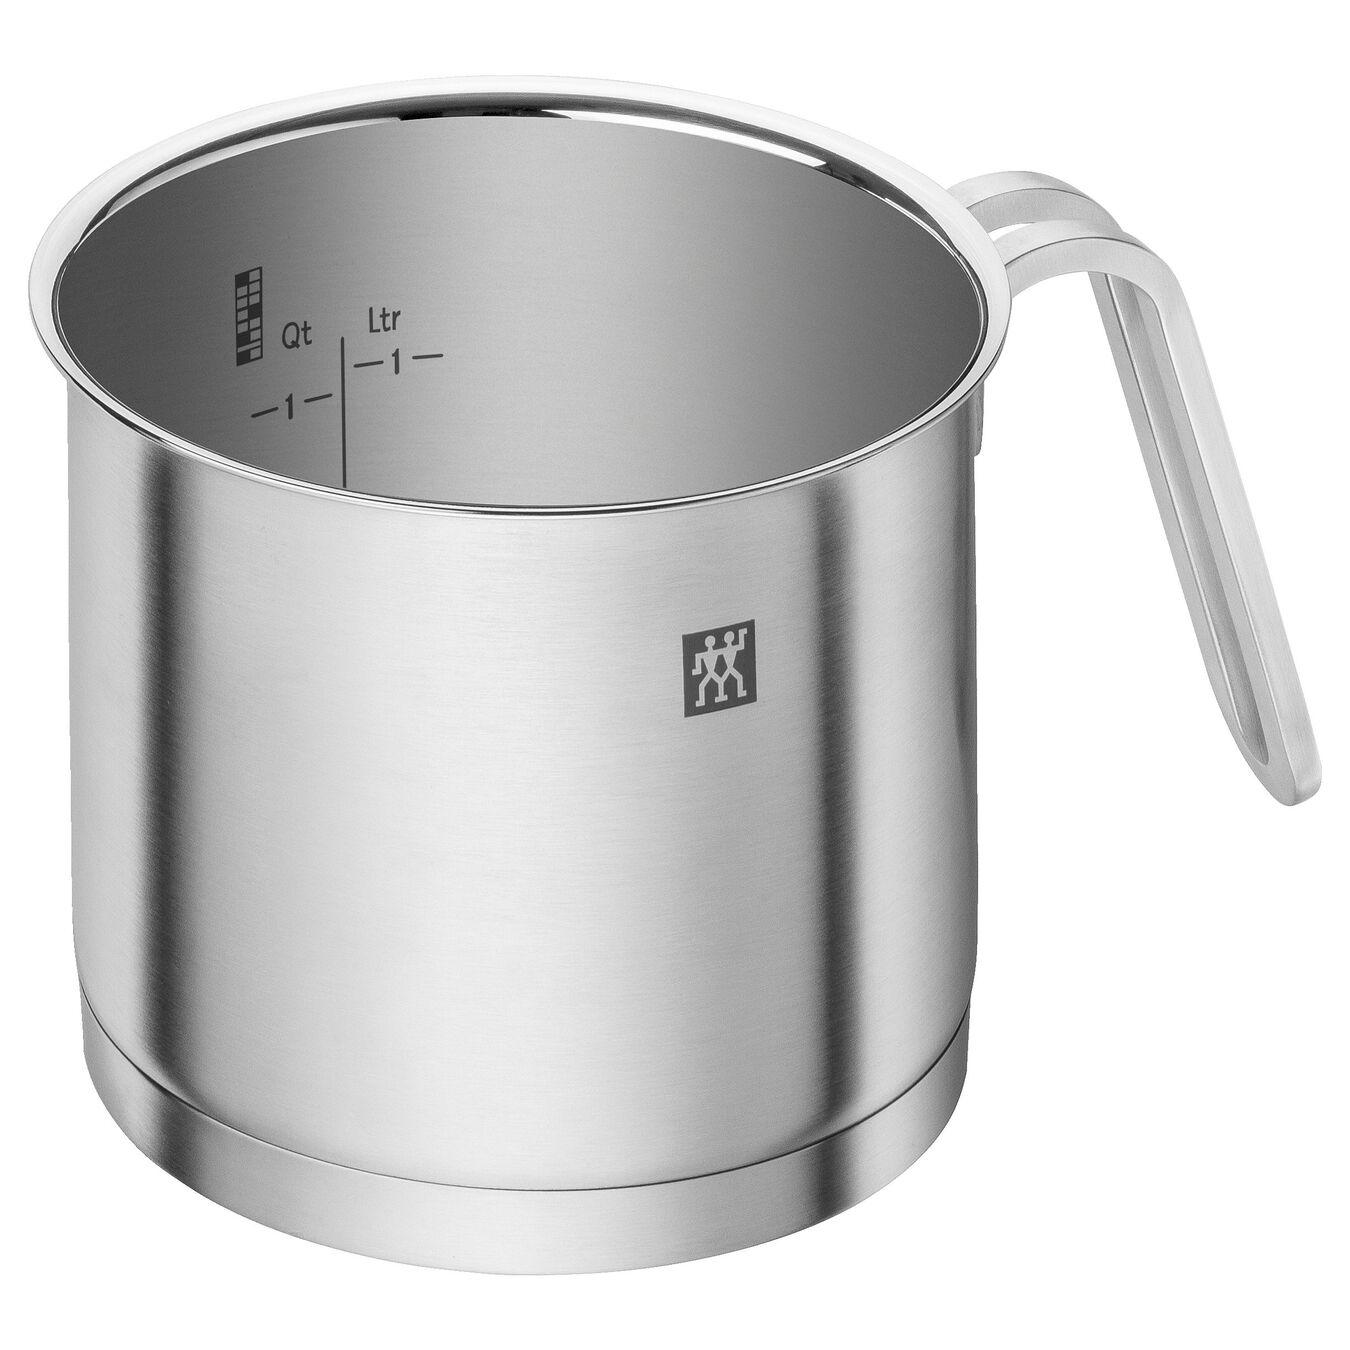 Pot à lait 14 cm,,large 1